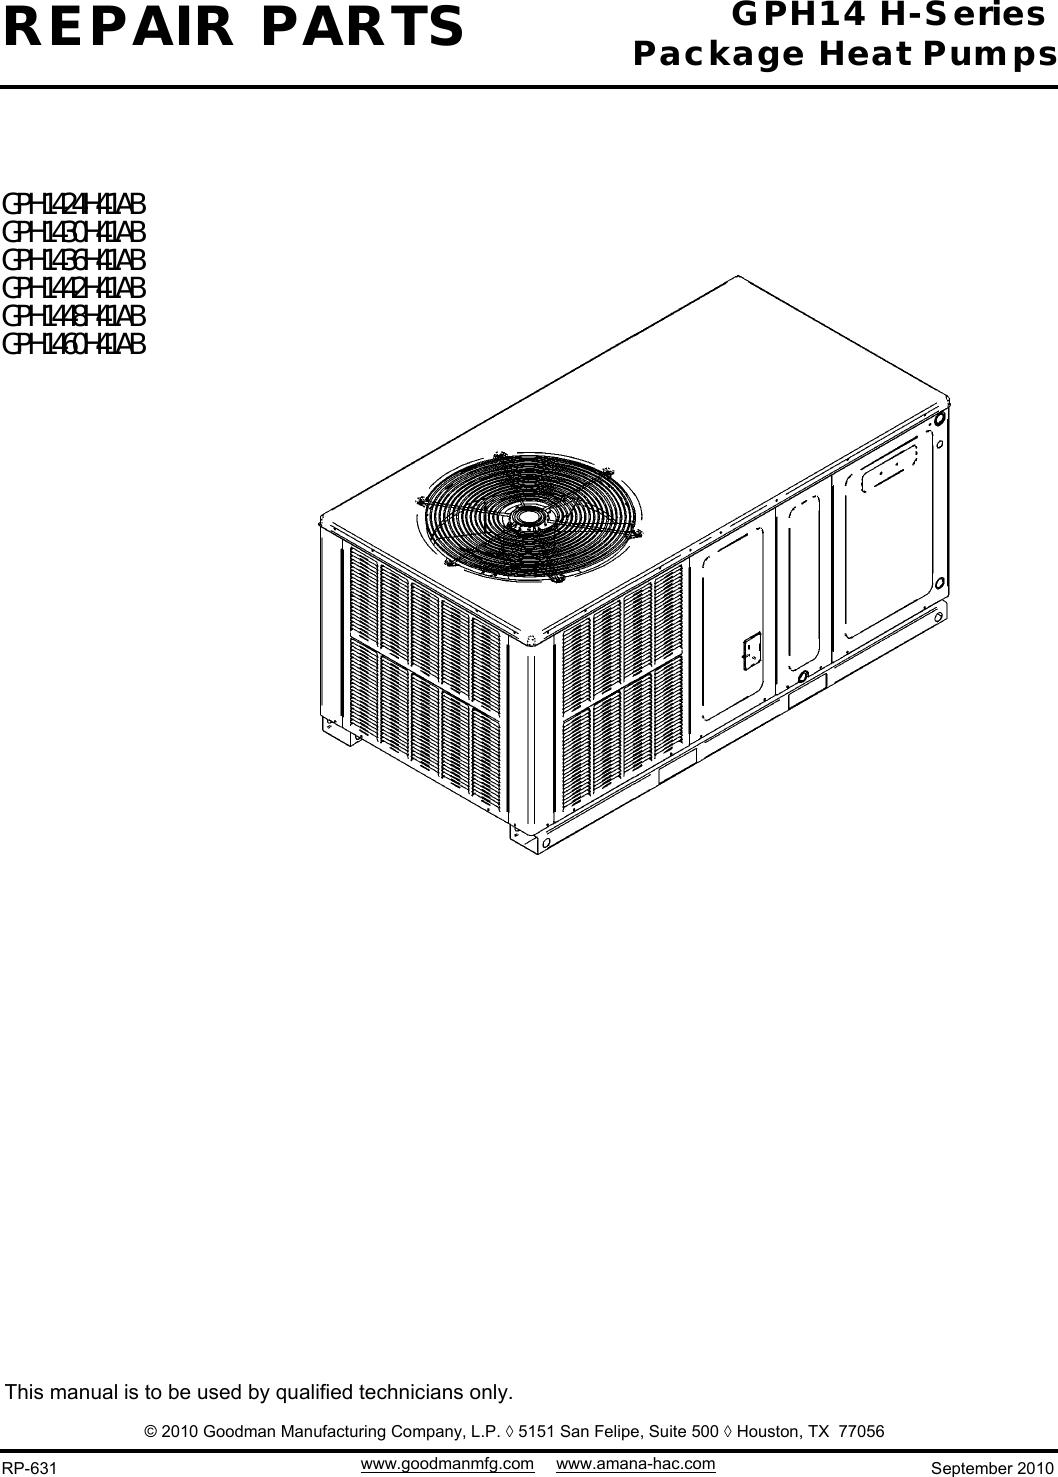 Goodman Manufacturing Wiring Diagrams | Wiring Diagram on